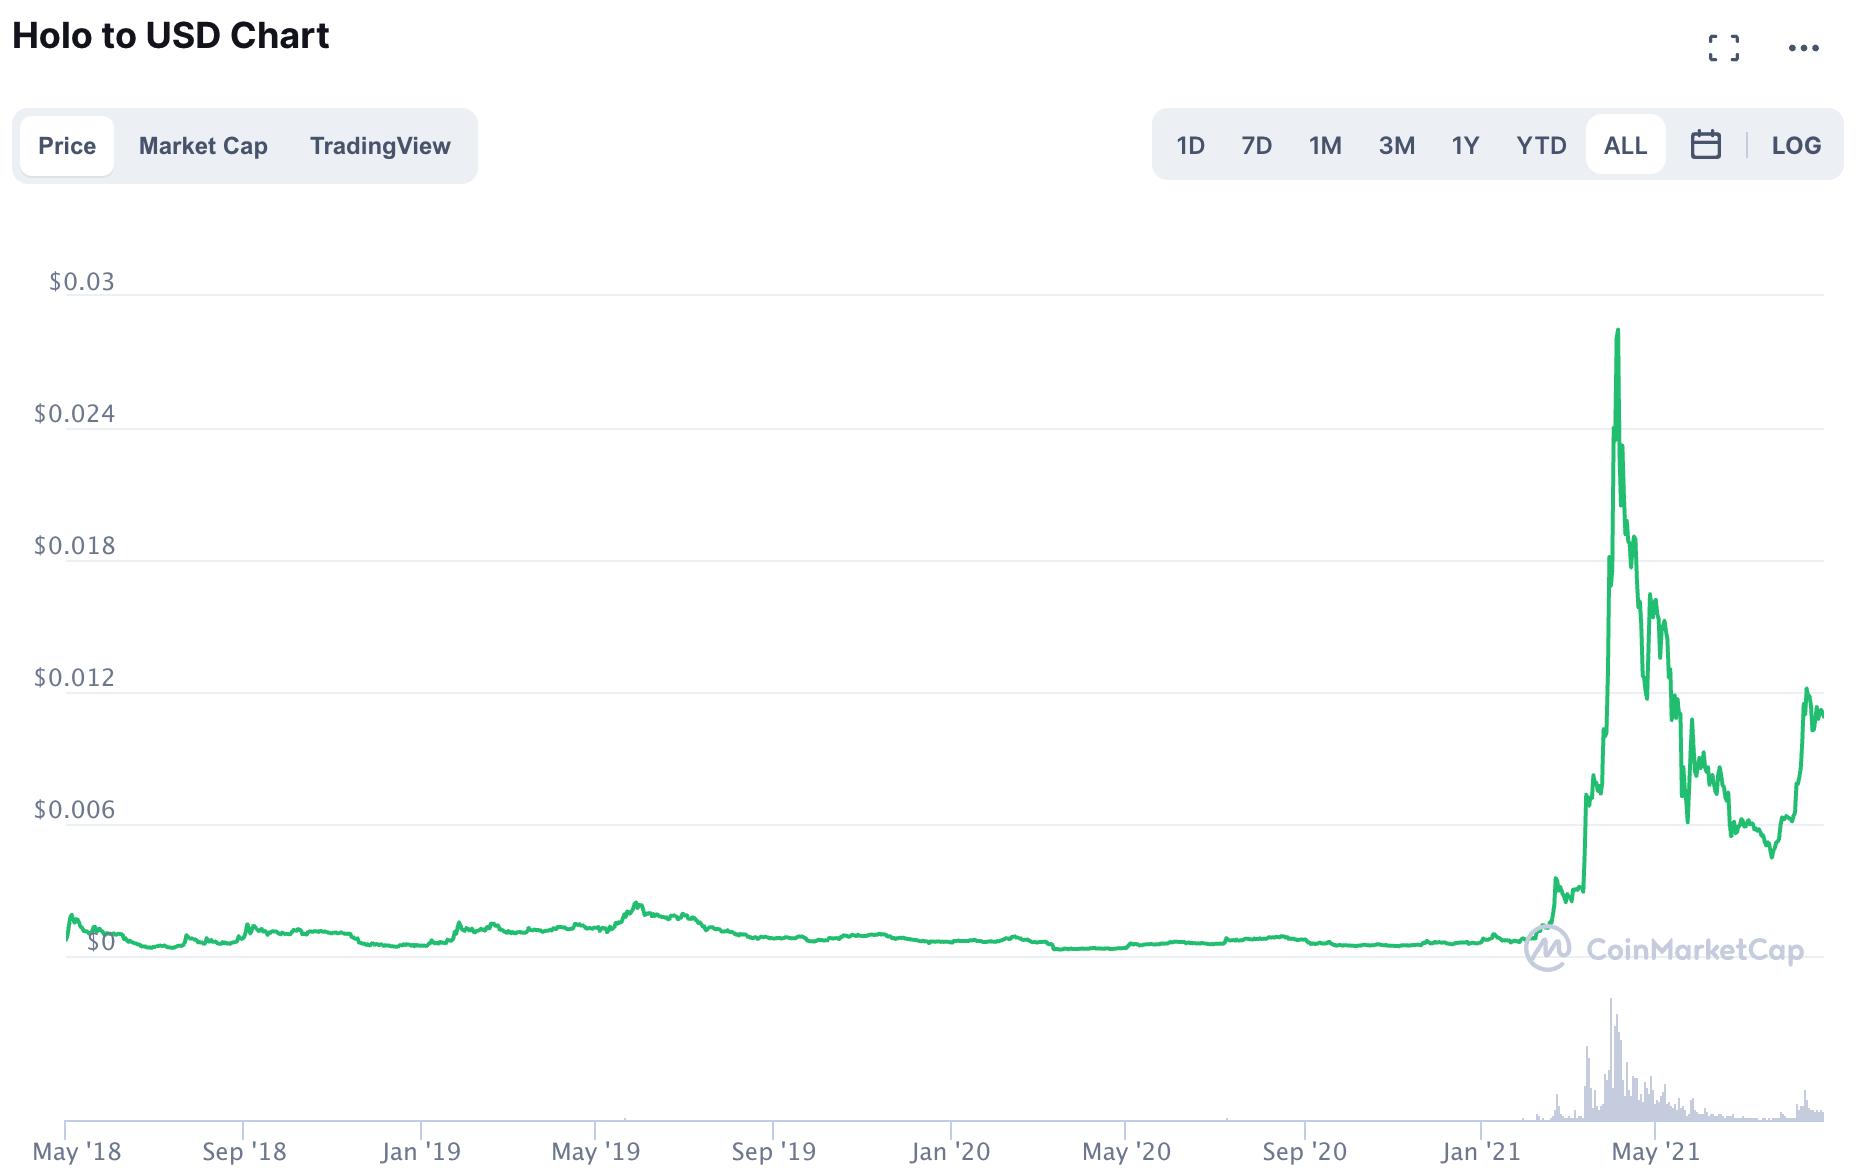 Holo/USD - gráfico semanal (Fonte: CoinMarketCap)